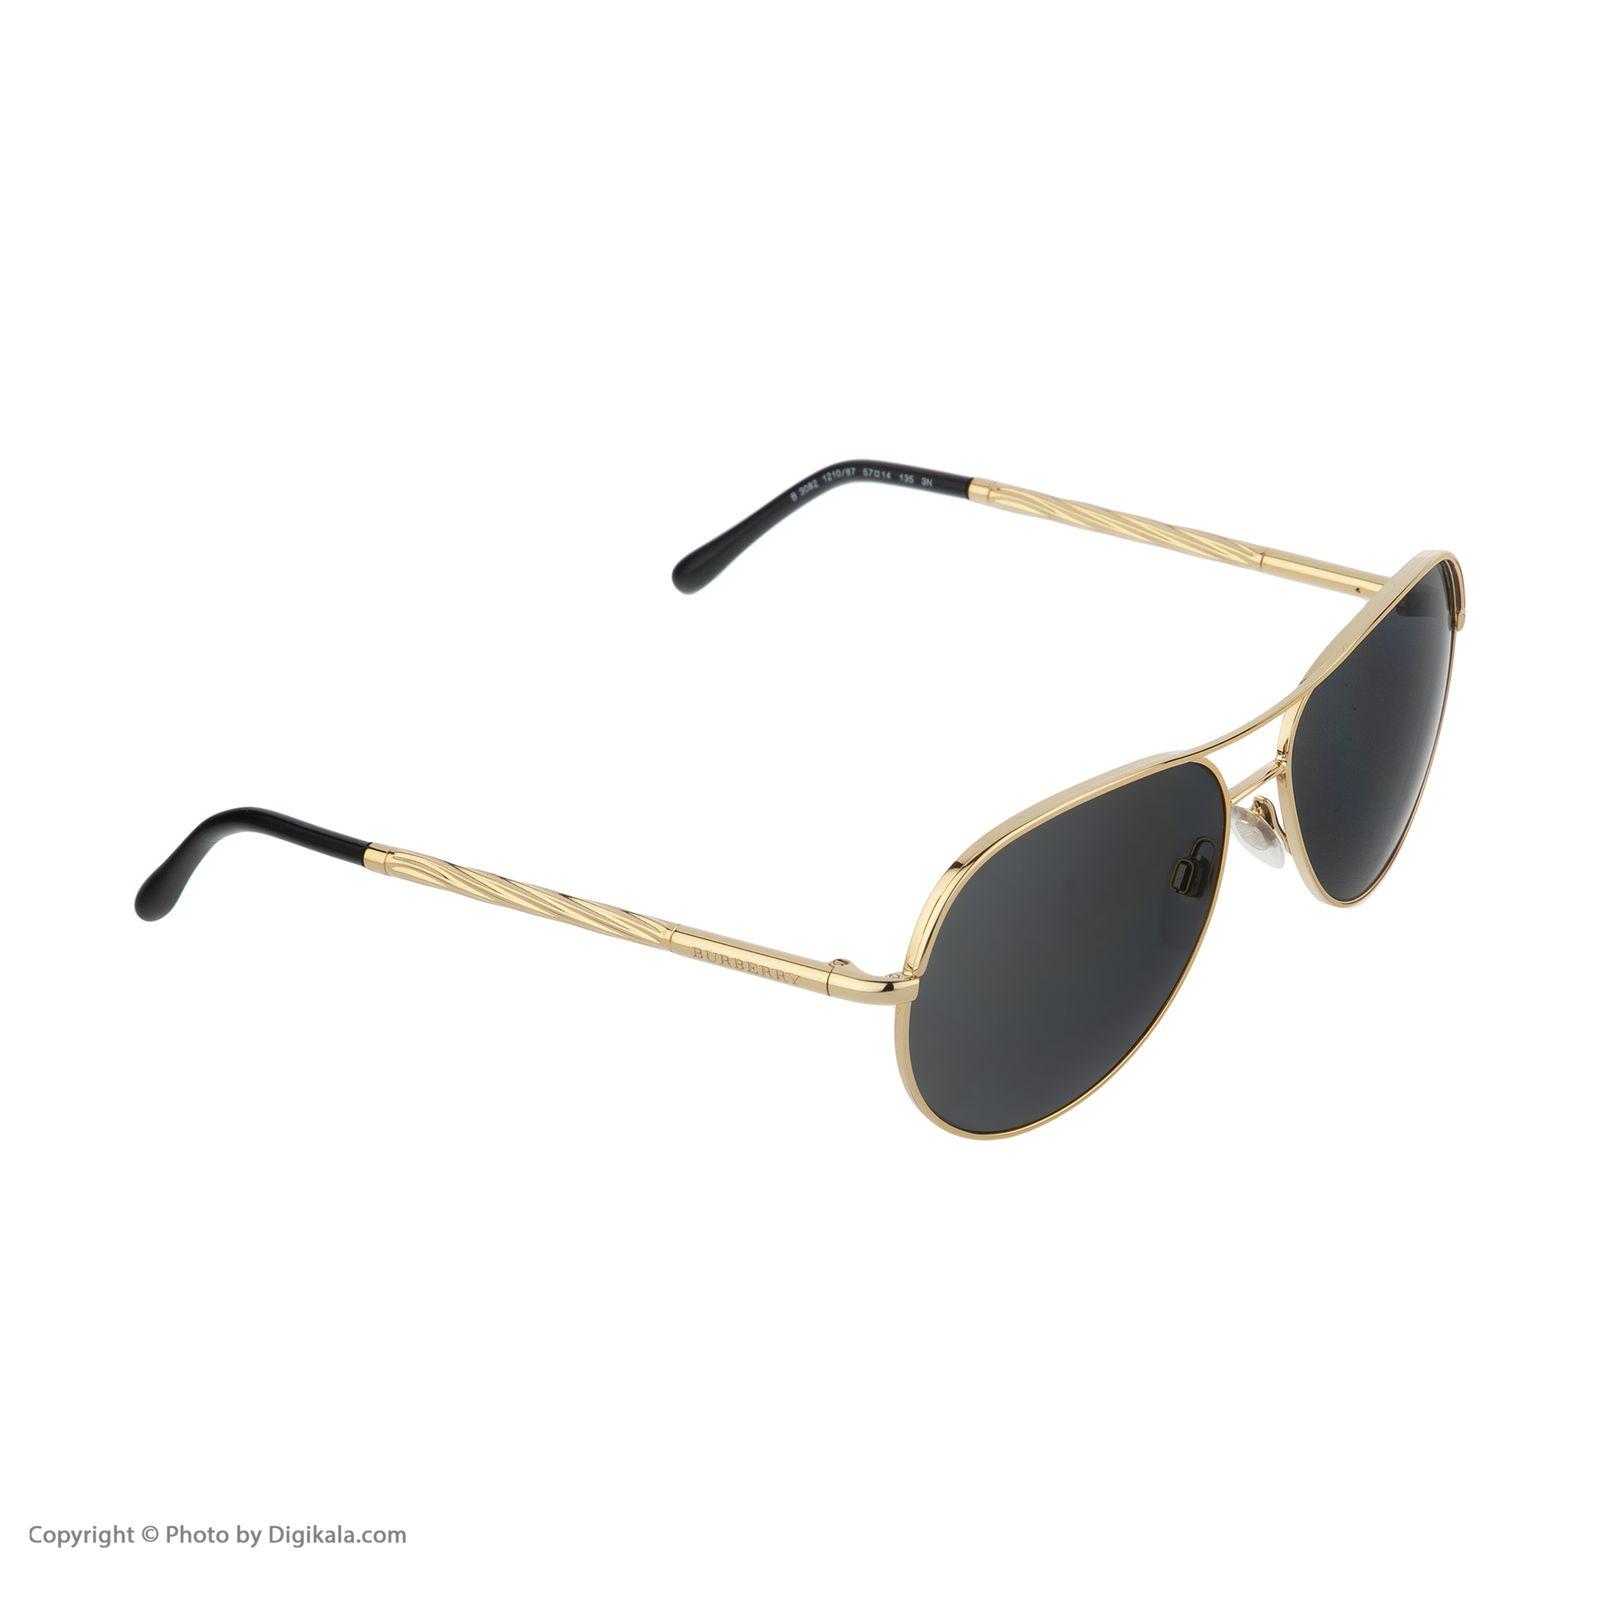 عینک آفتابی زنانه بربری مدل BE 3082S 121087 57 -  - 4